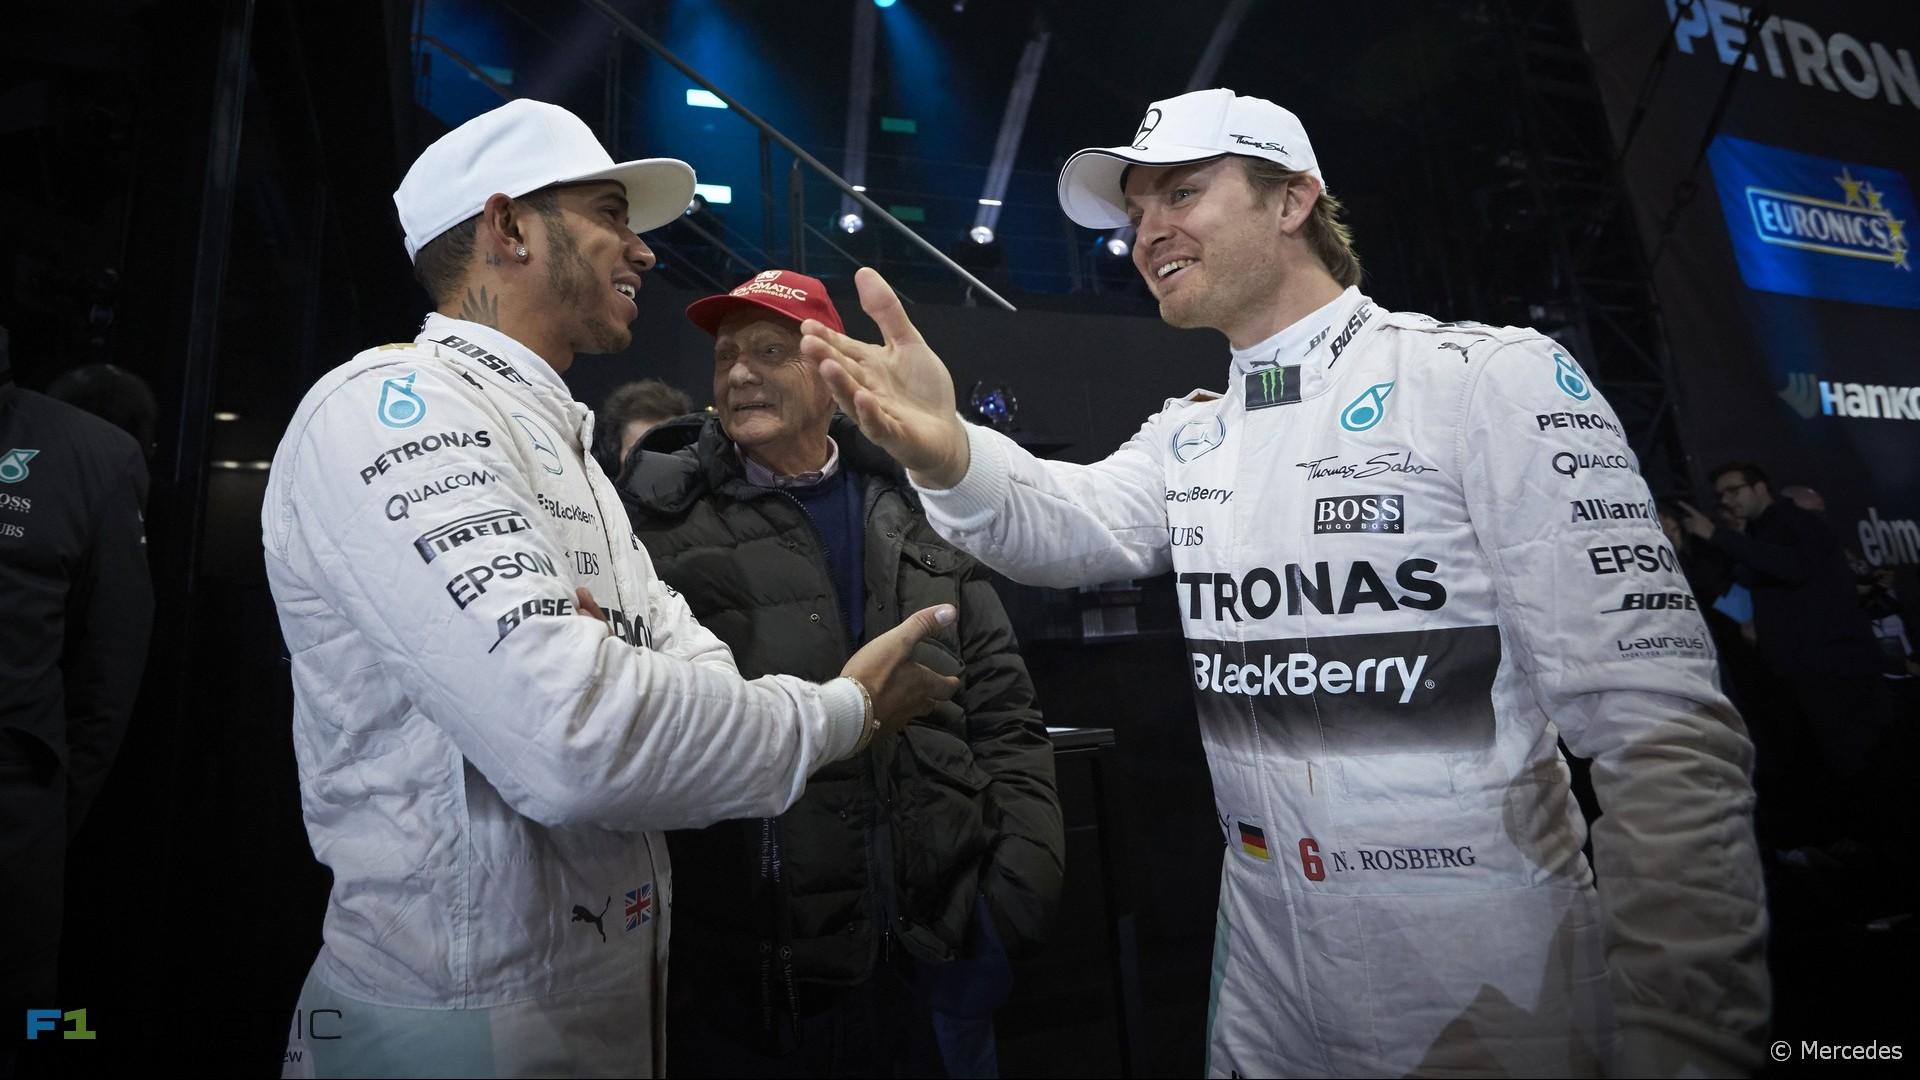 Lewis Hamilton, Niki Lauda, Nico Rosberg, Mercedes, 2015